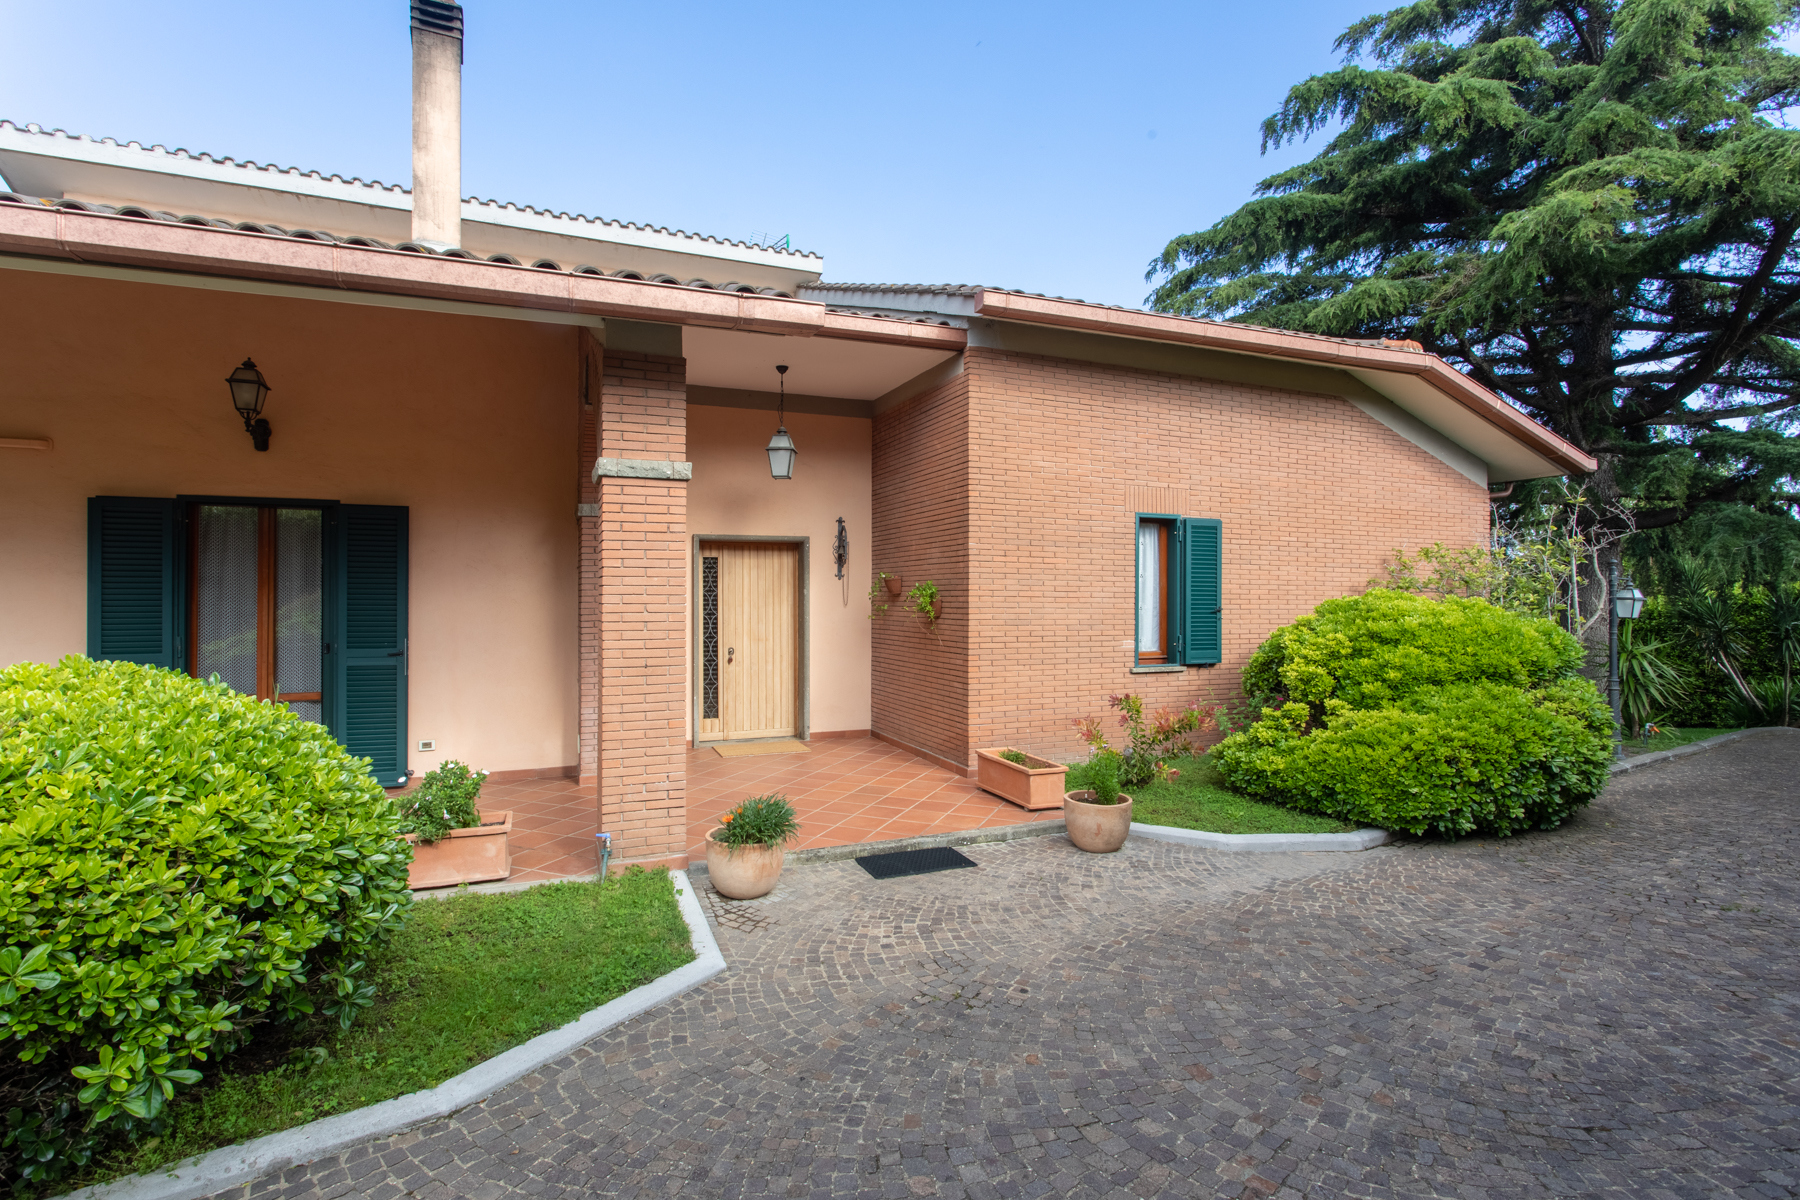 Villa in Vendita a Marino: 5 locali, 350 mq - Foto 23